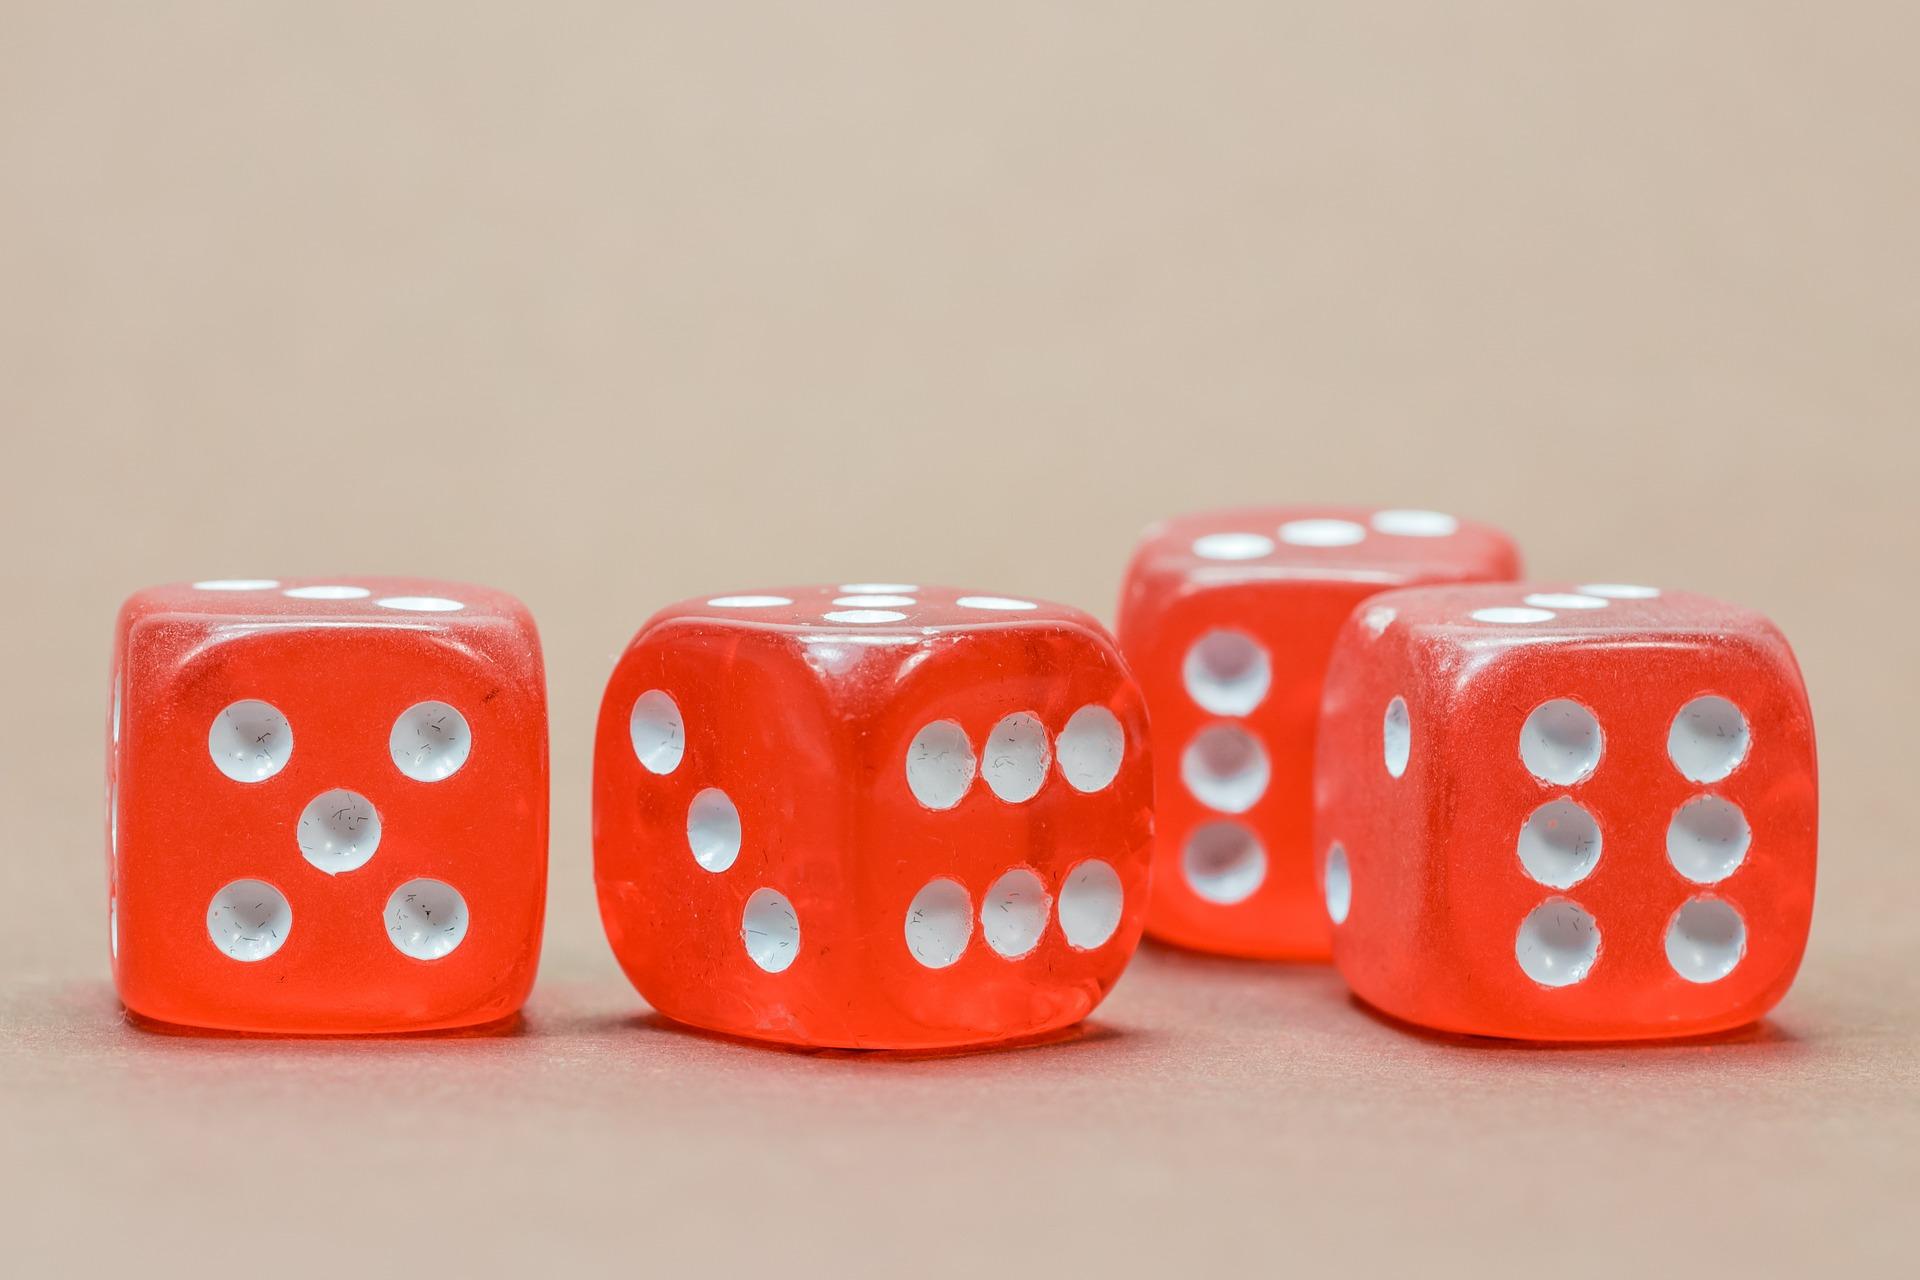 Zufallszahlen / Lottozahlen online erstellen